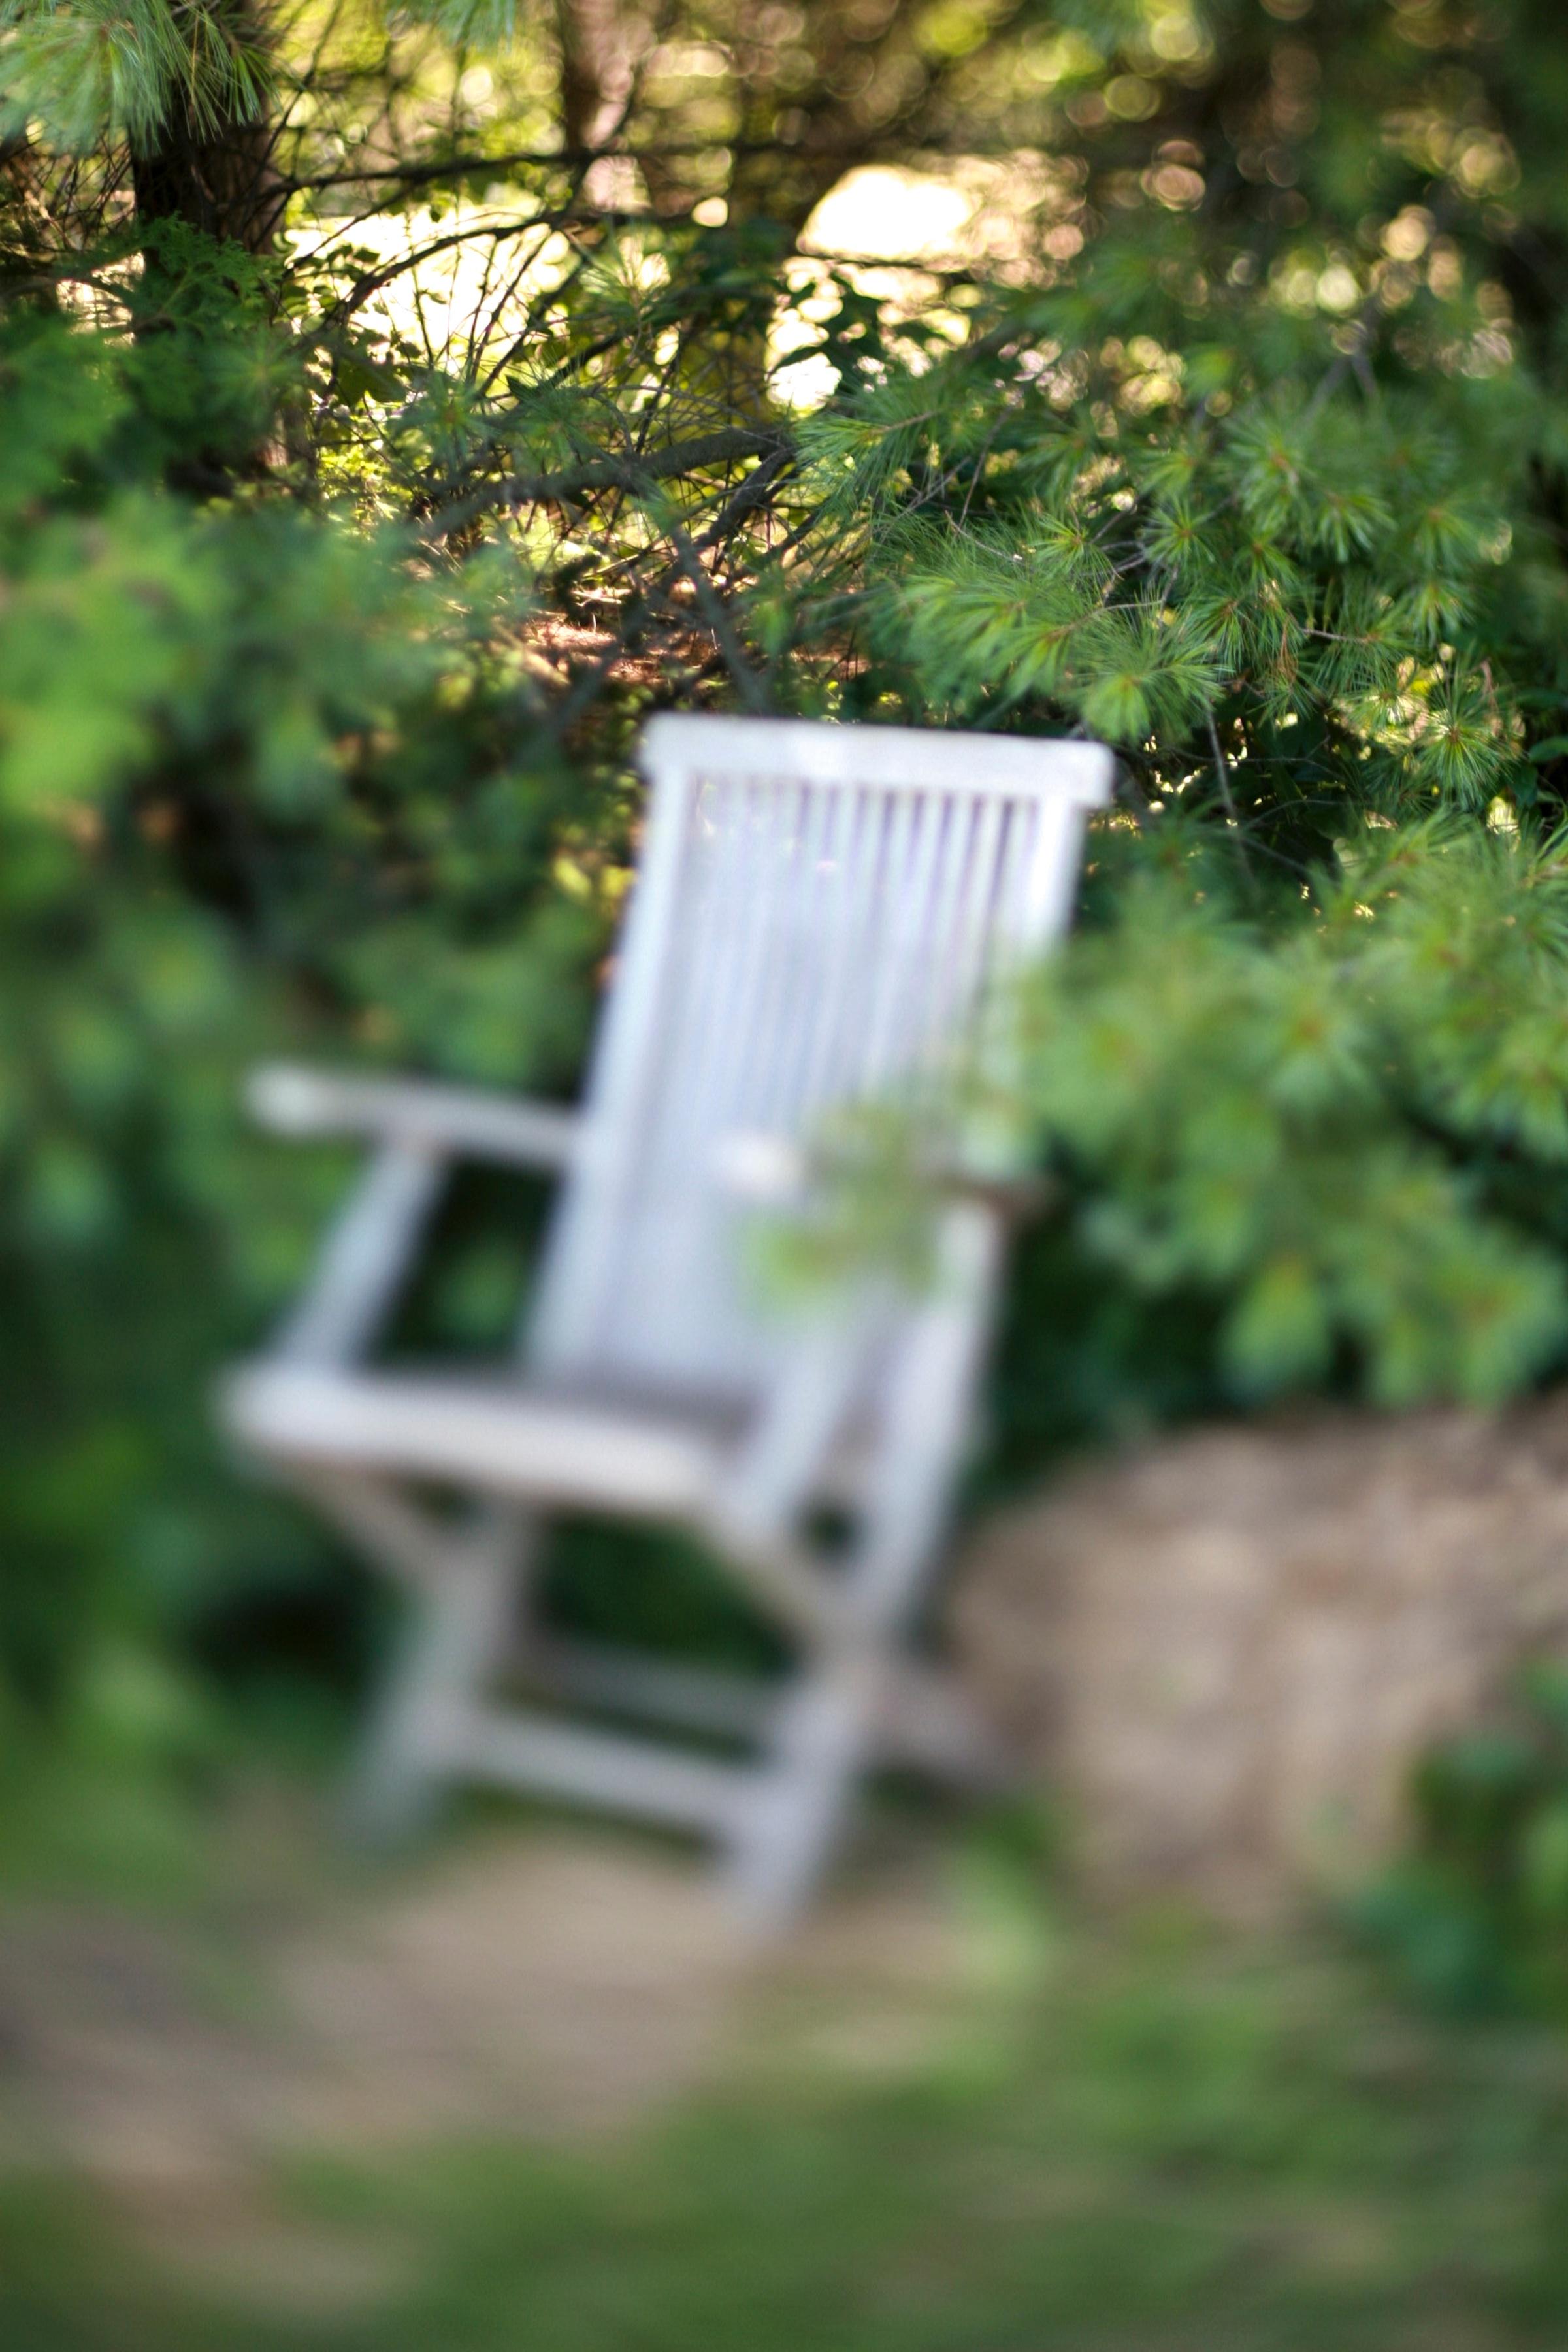 Fotos gratis : árbol, naturaleza, bosque, césped, prado, luz de sol ...